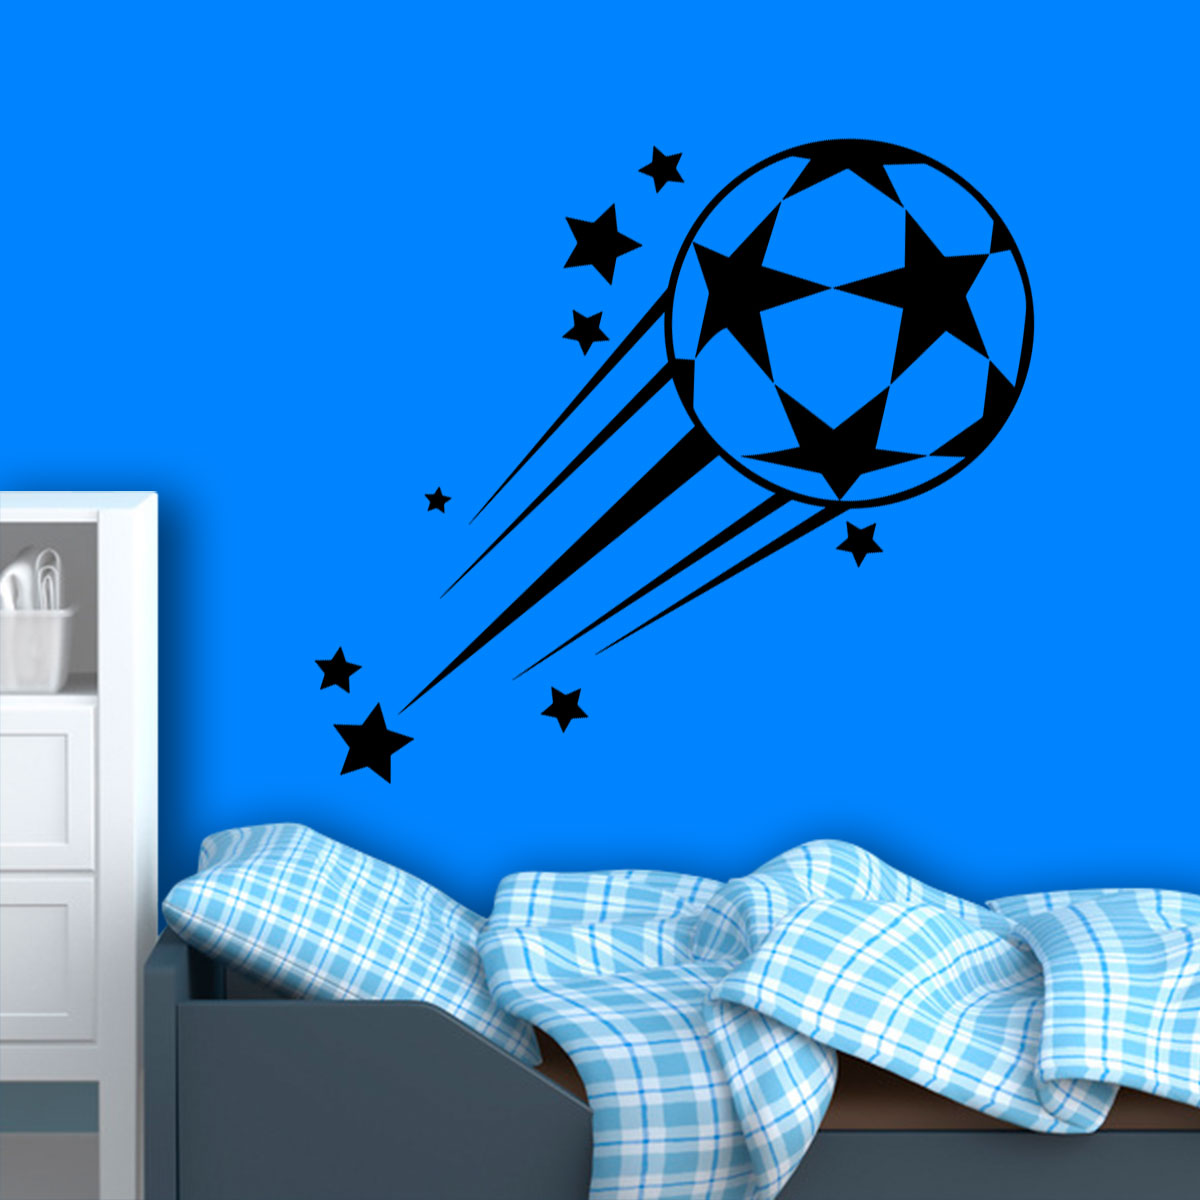 ca8fea241f Adesivo De Parede Bola De Futebol Com Estrelas